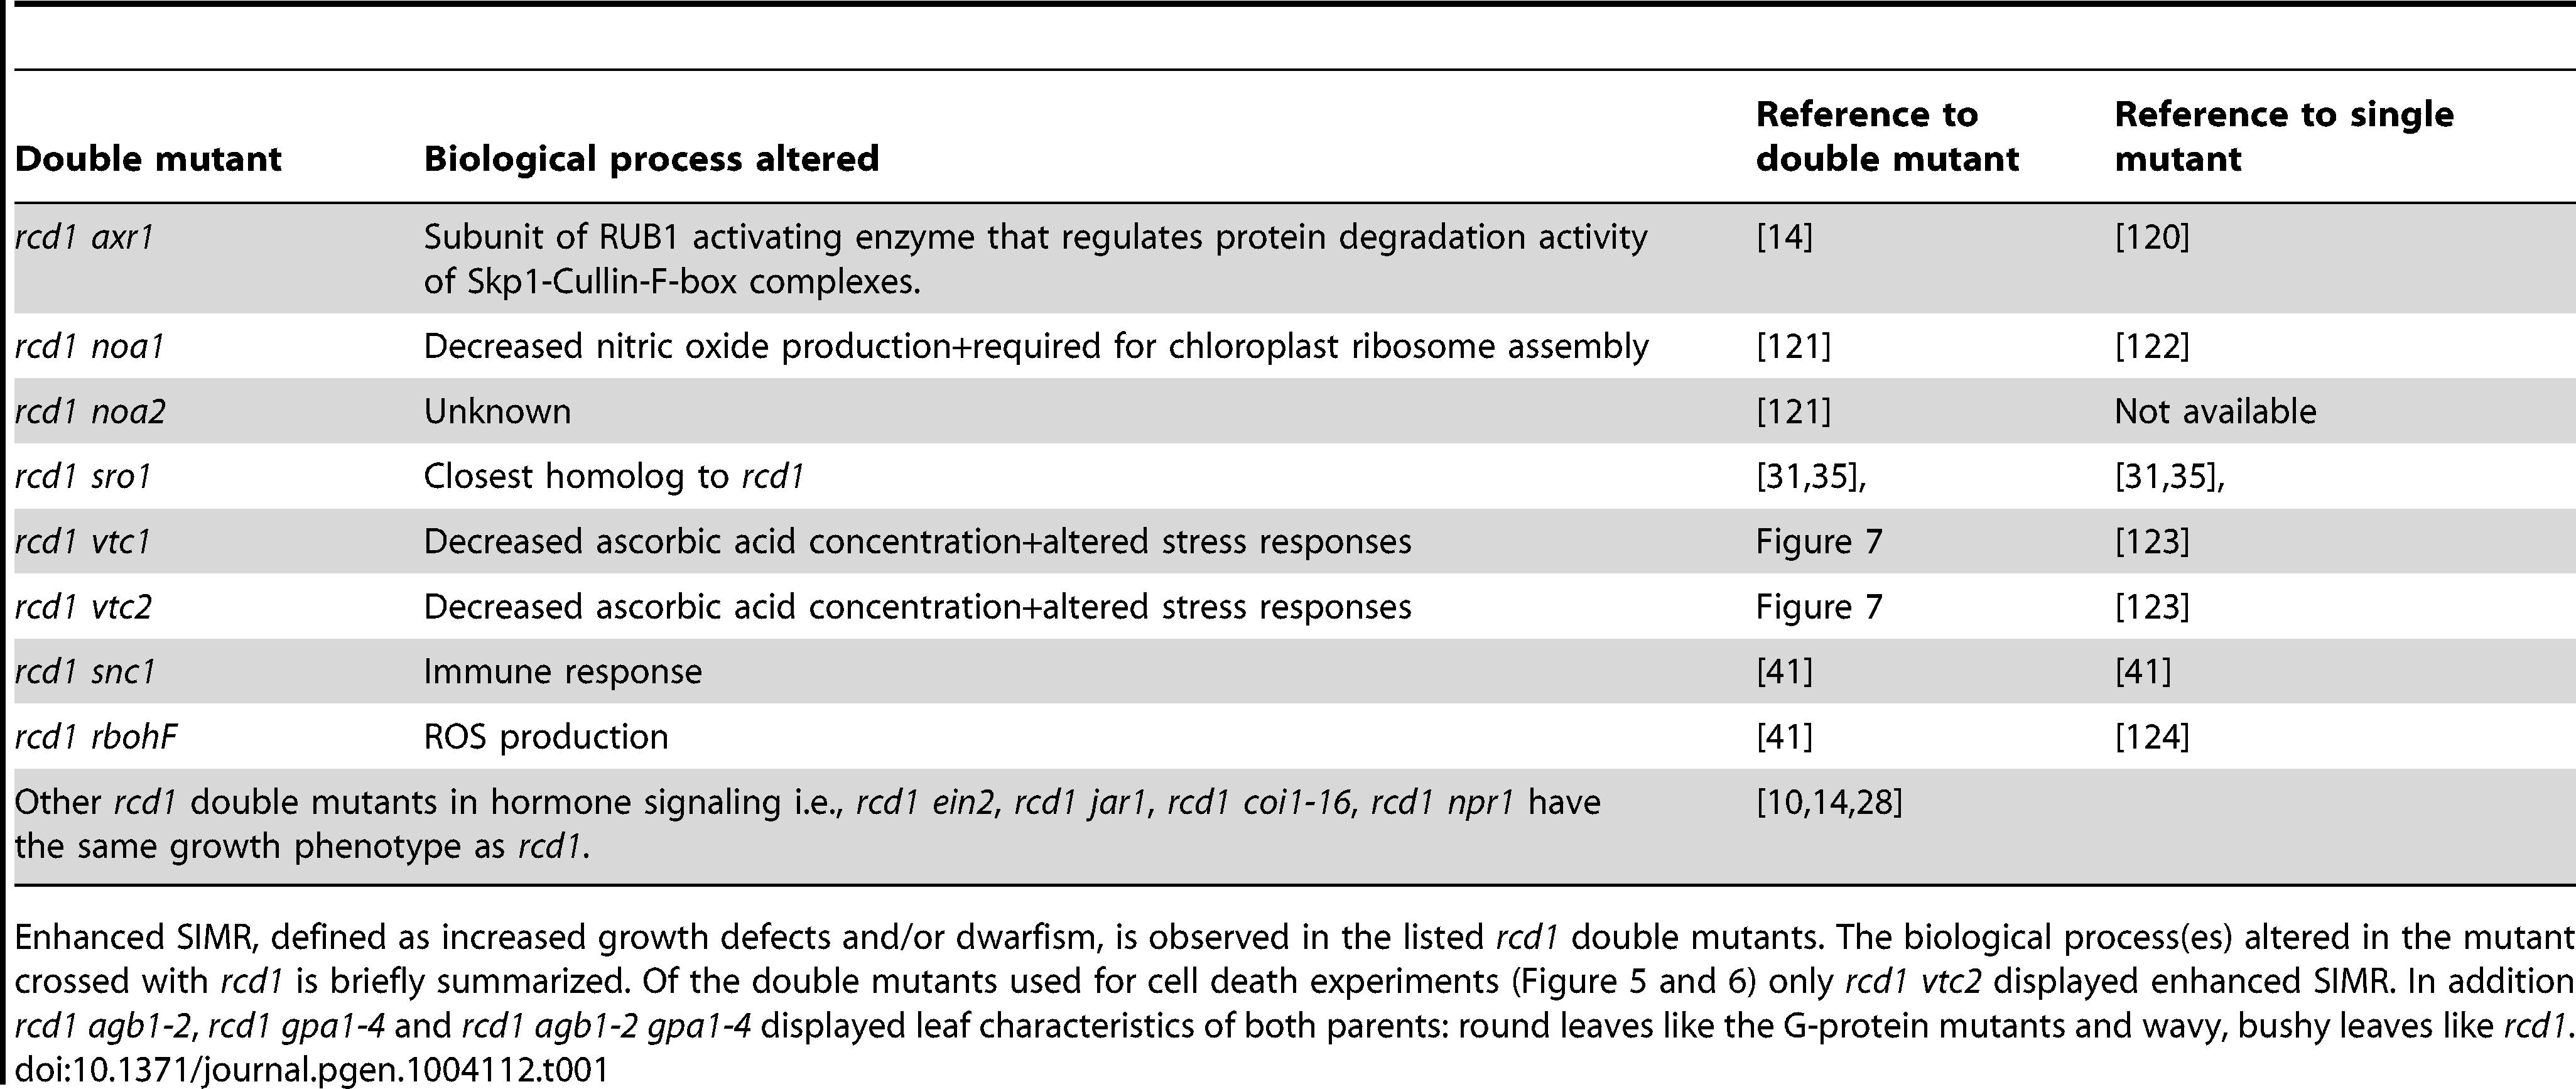 Enhanced SIMR in <i>rcd1</i> double mutants.